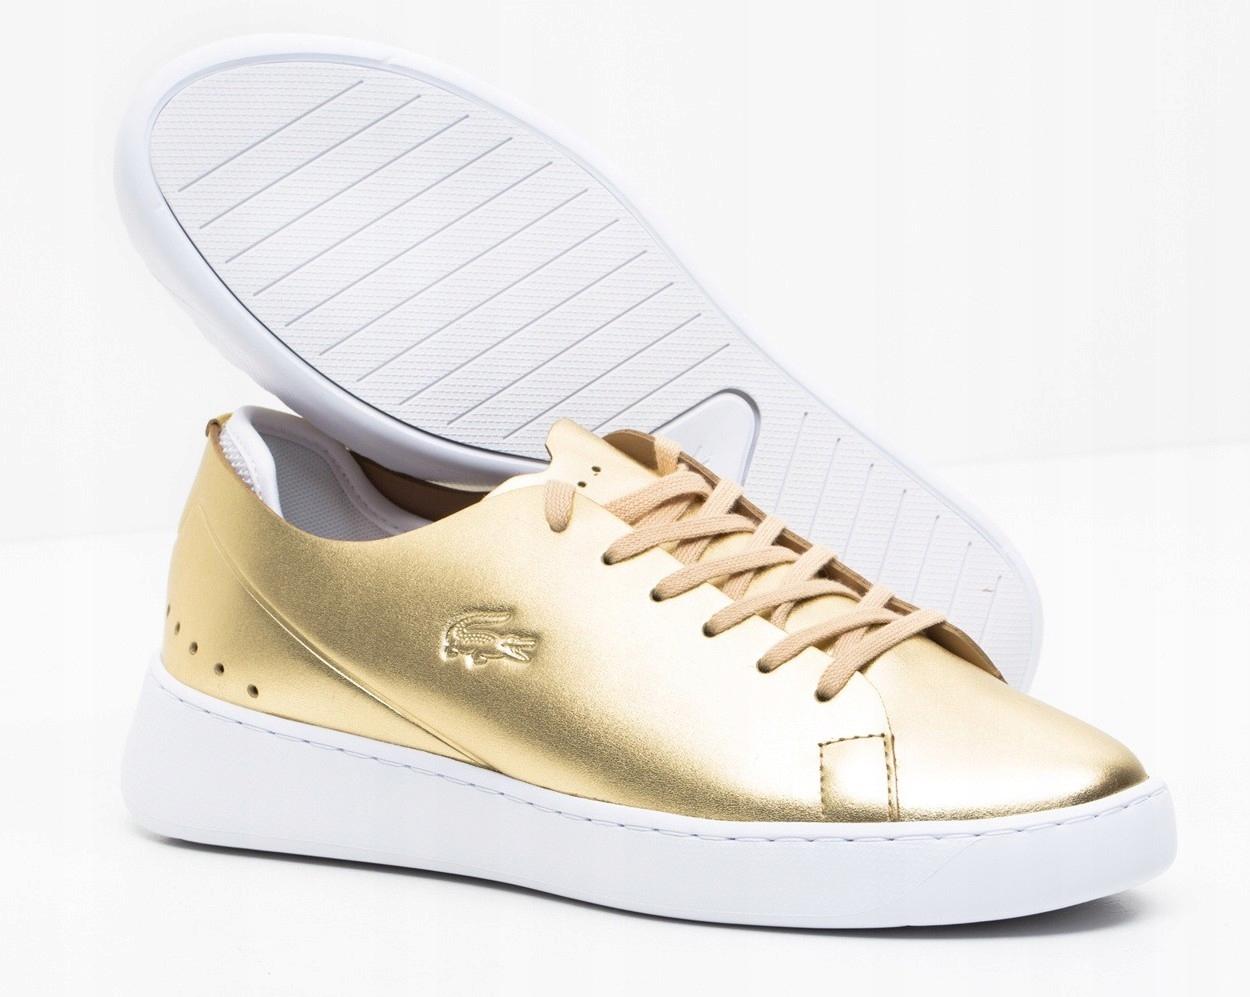 Sneakersy LACOSTE EYYLA 317 buty damskie ZŁOTE